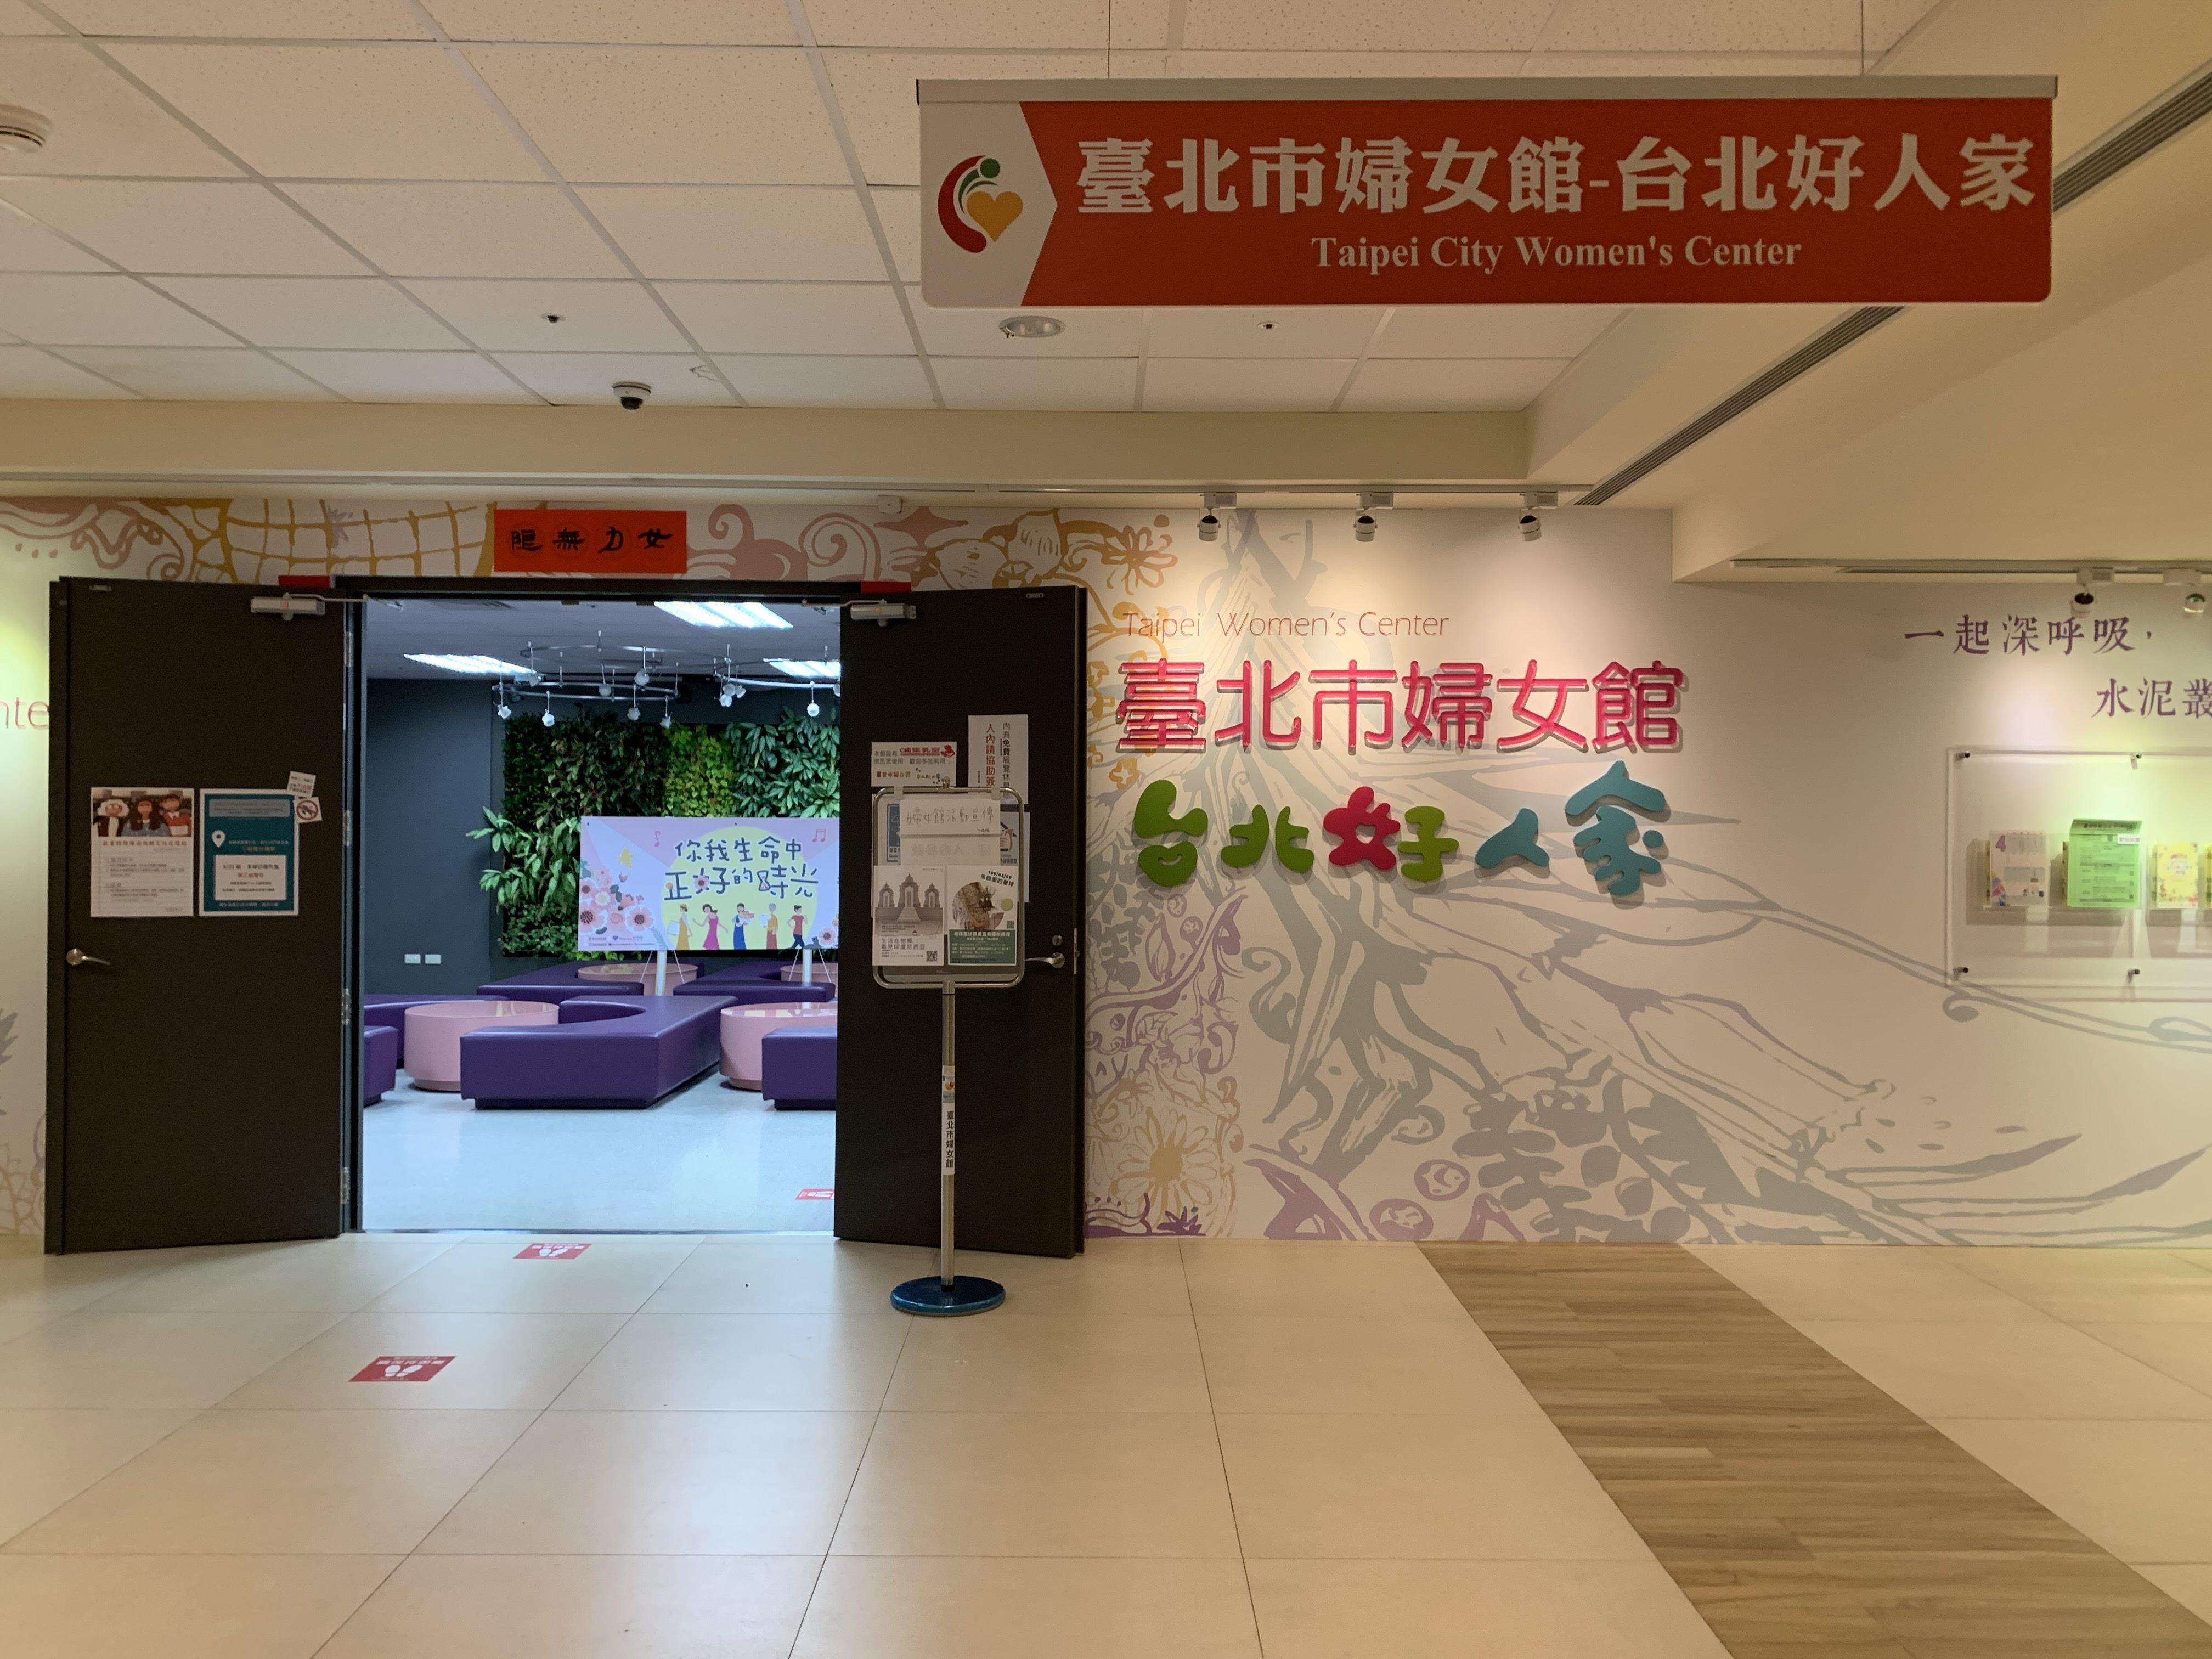 臺北市婦女館位於萬華火車站出口3樓,是臺北婦女交流互動的好去處